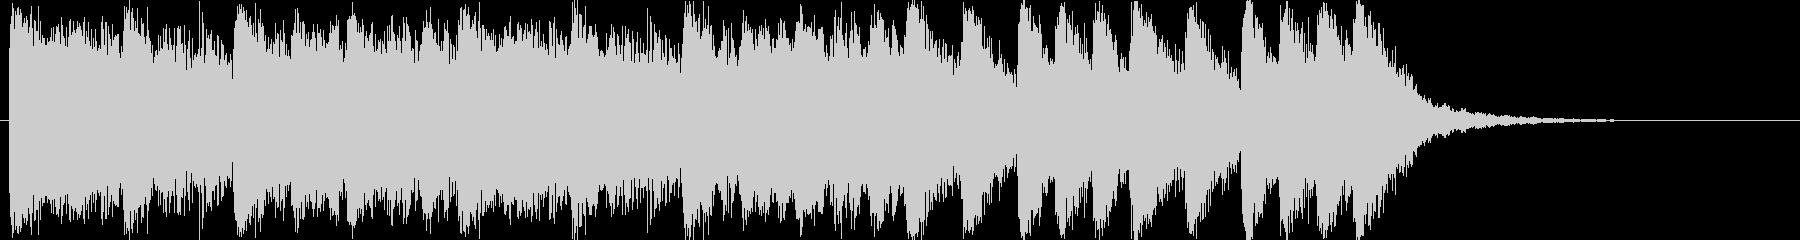 大迫力!壮大なフルオーケストラBGMの未再生の波形